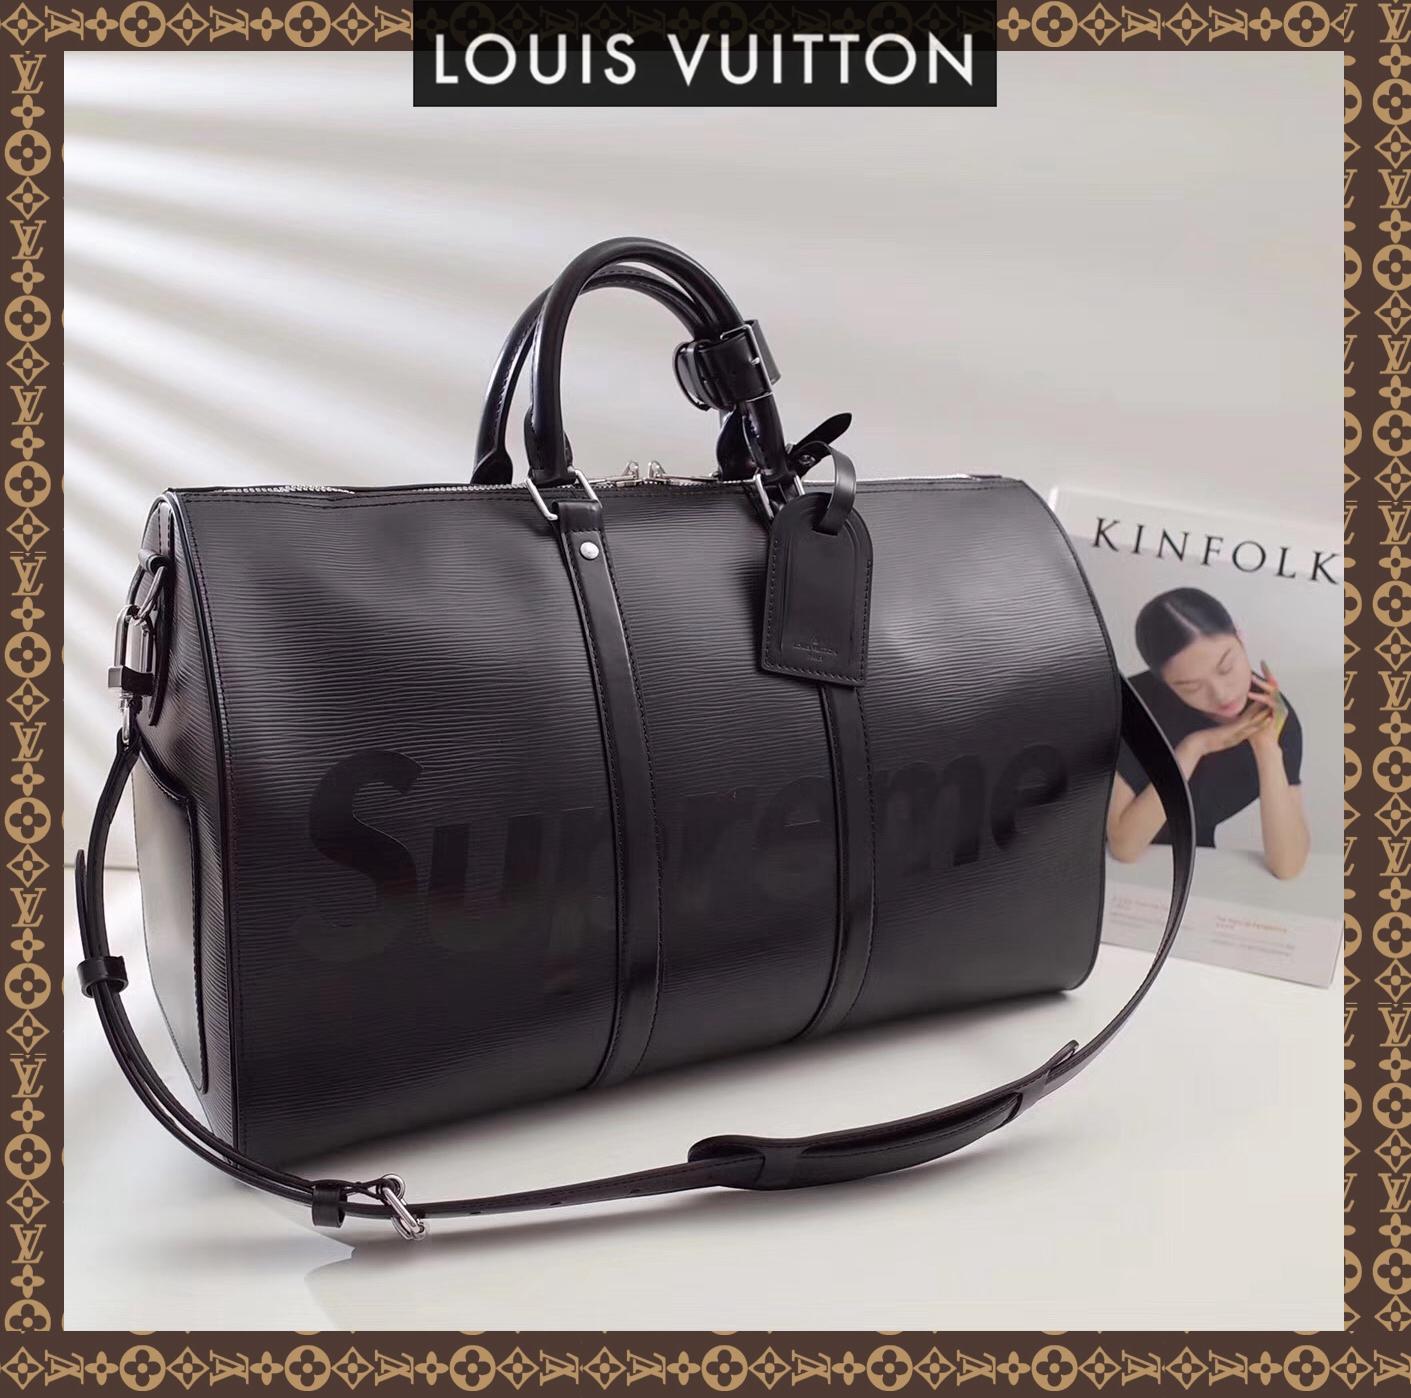 M53419 Supr Leather Keep 45 Bag Handbag